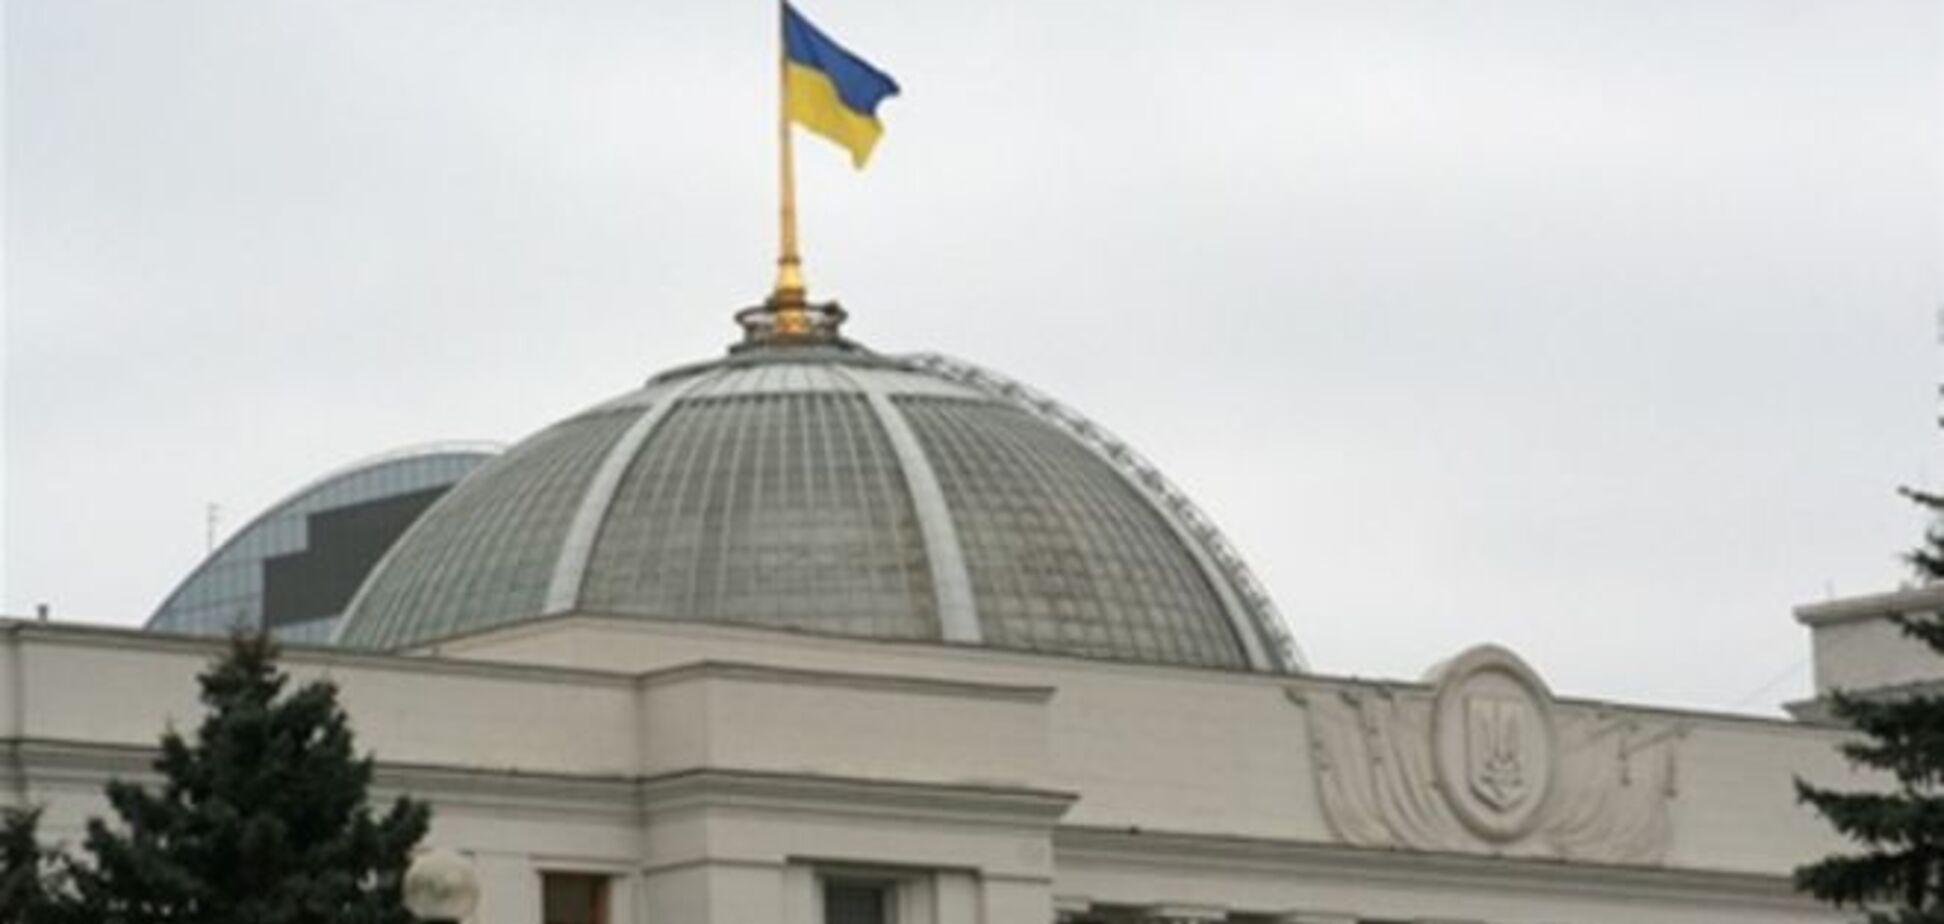 Депутатская группа 'Відродження' и одноименная партия объединились для создания мощной оппозиции